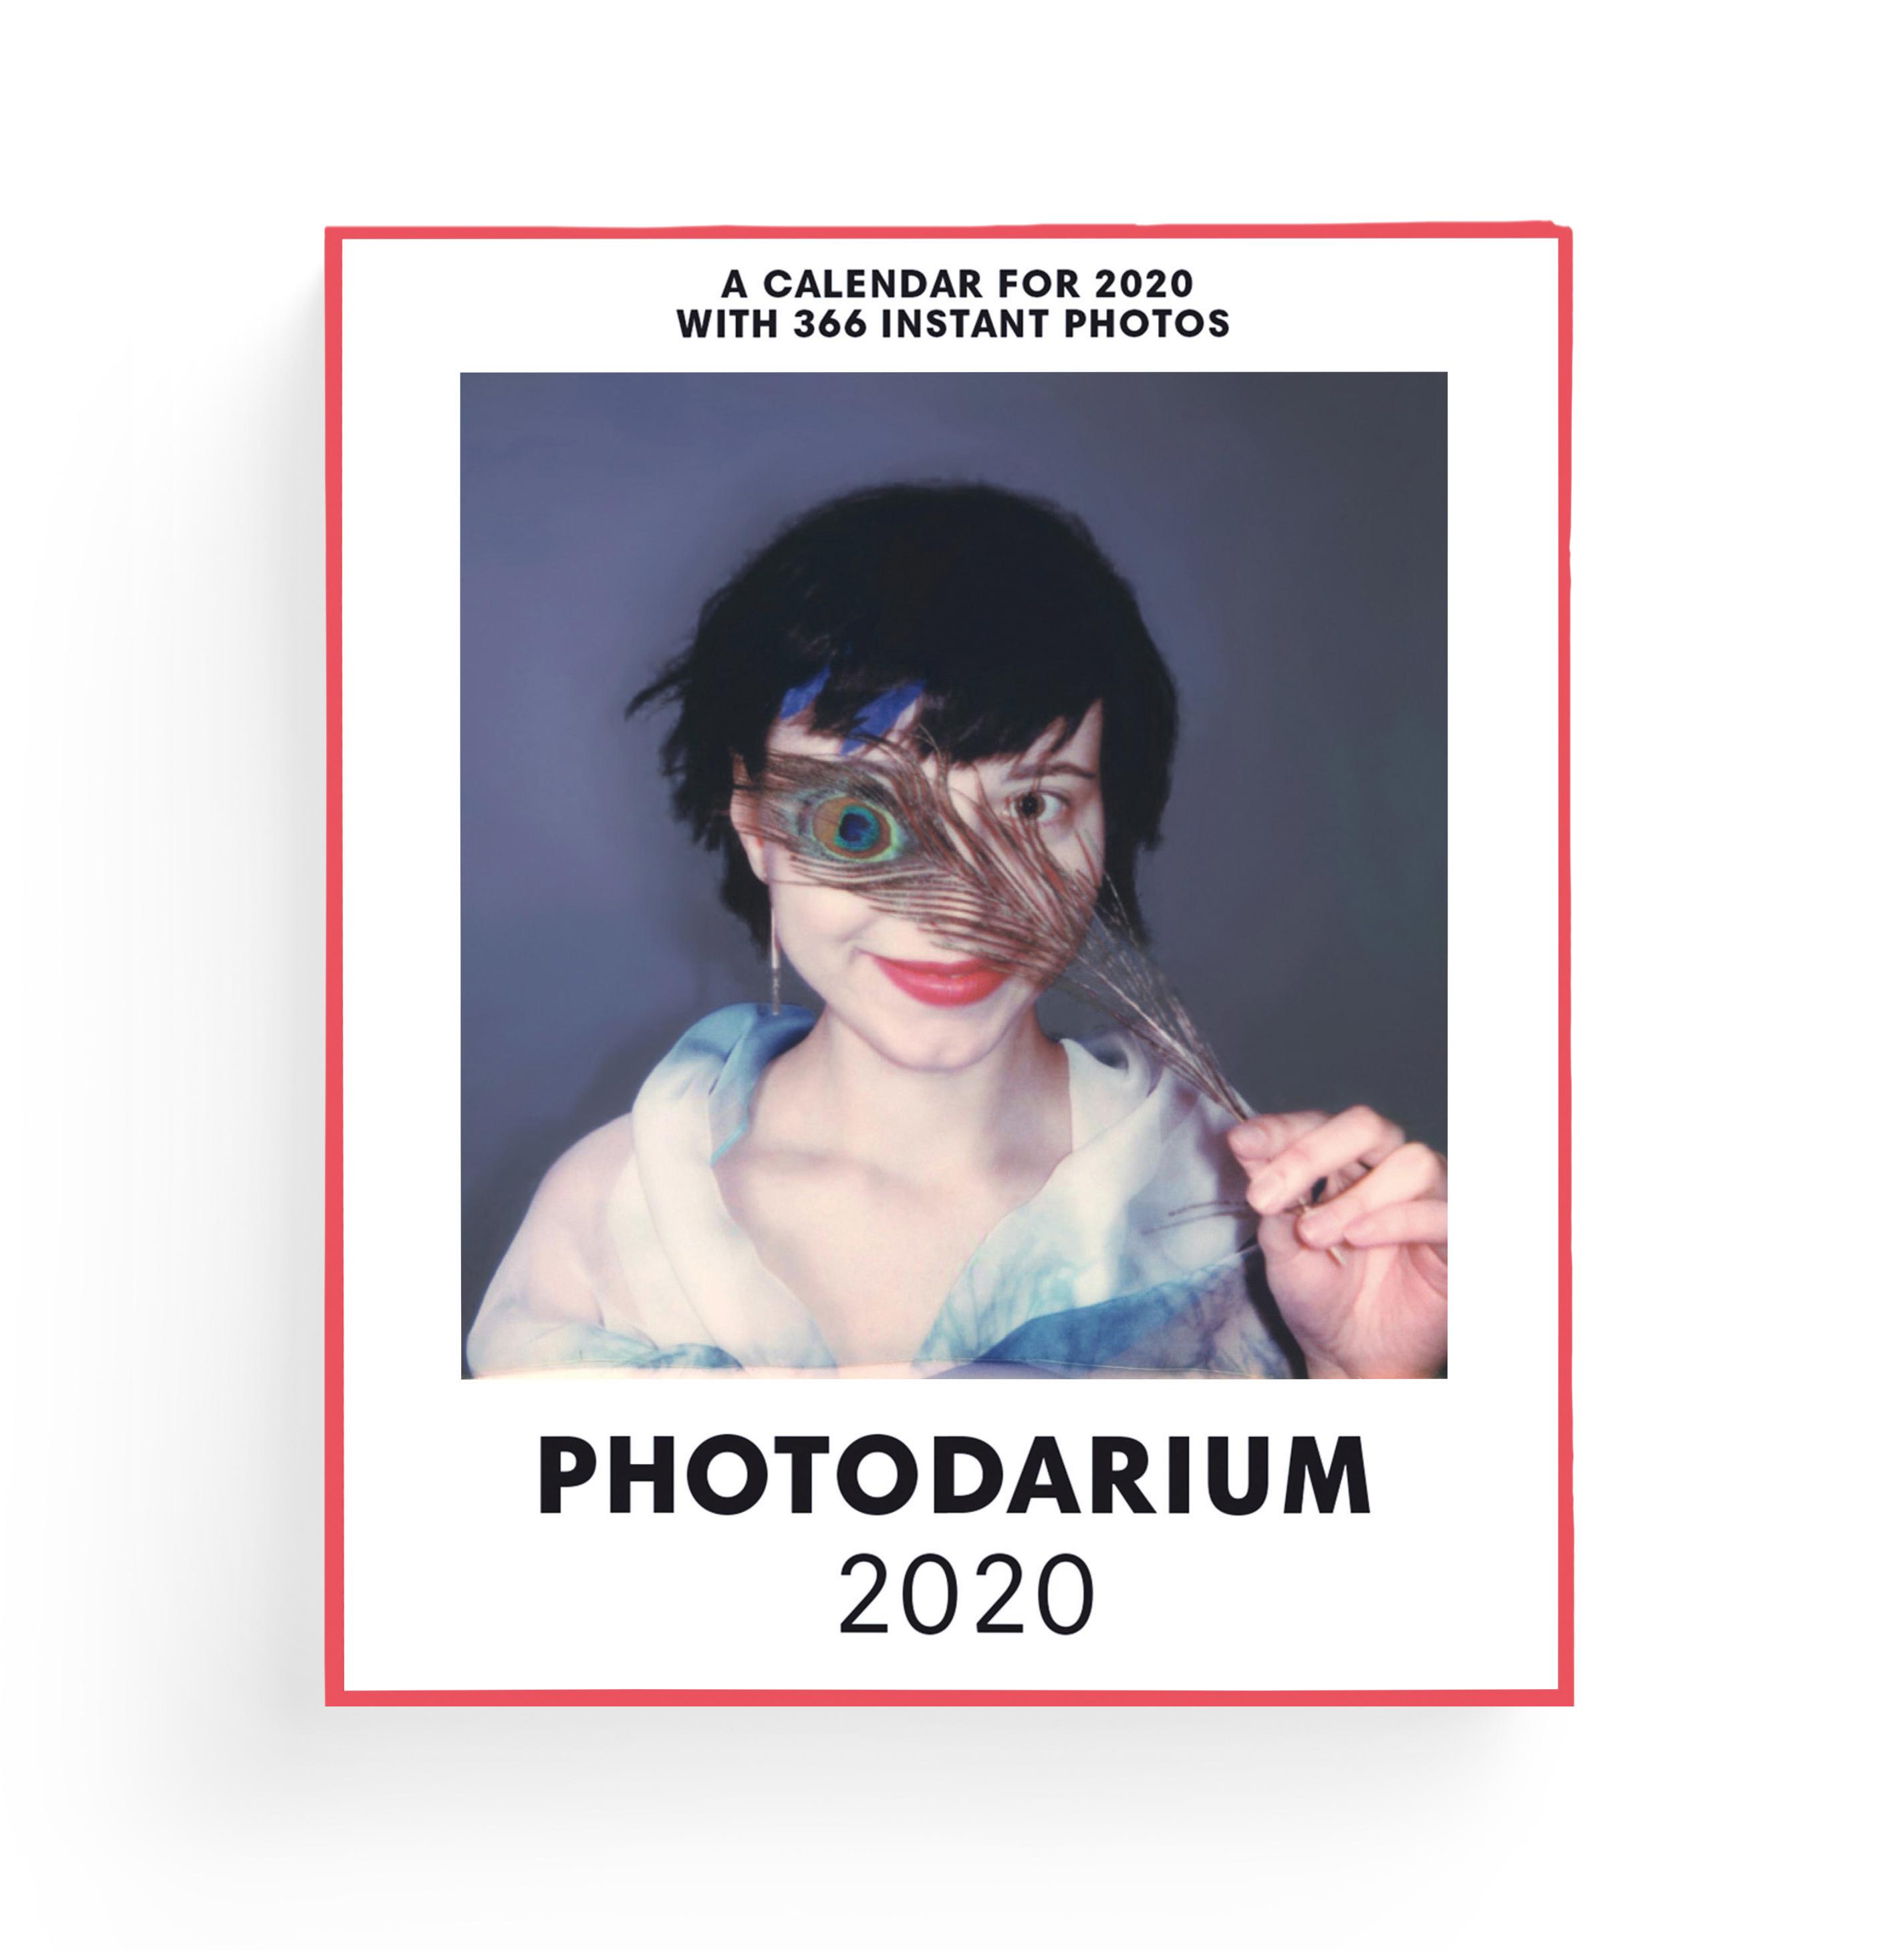 Photodarium-2020-slanted_02